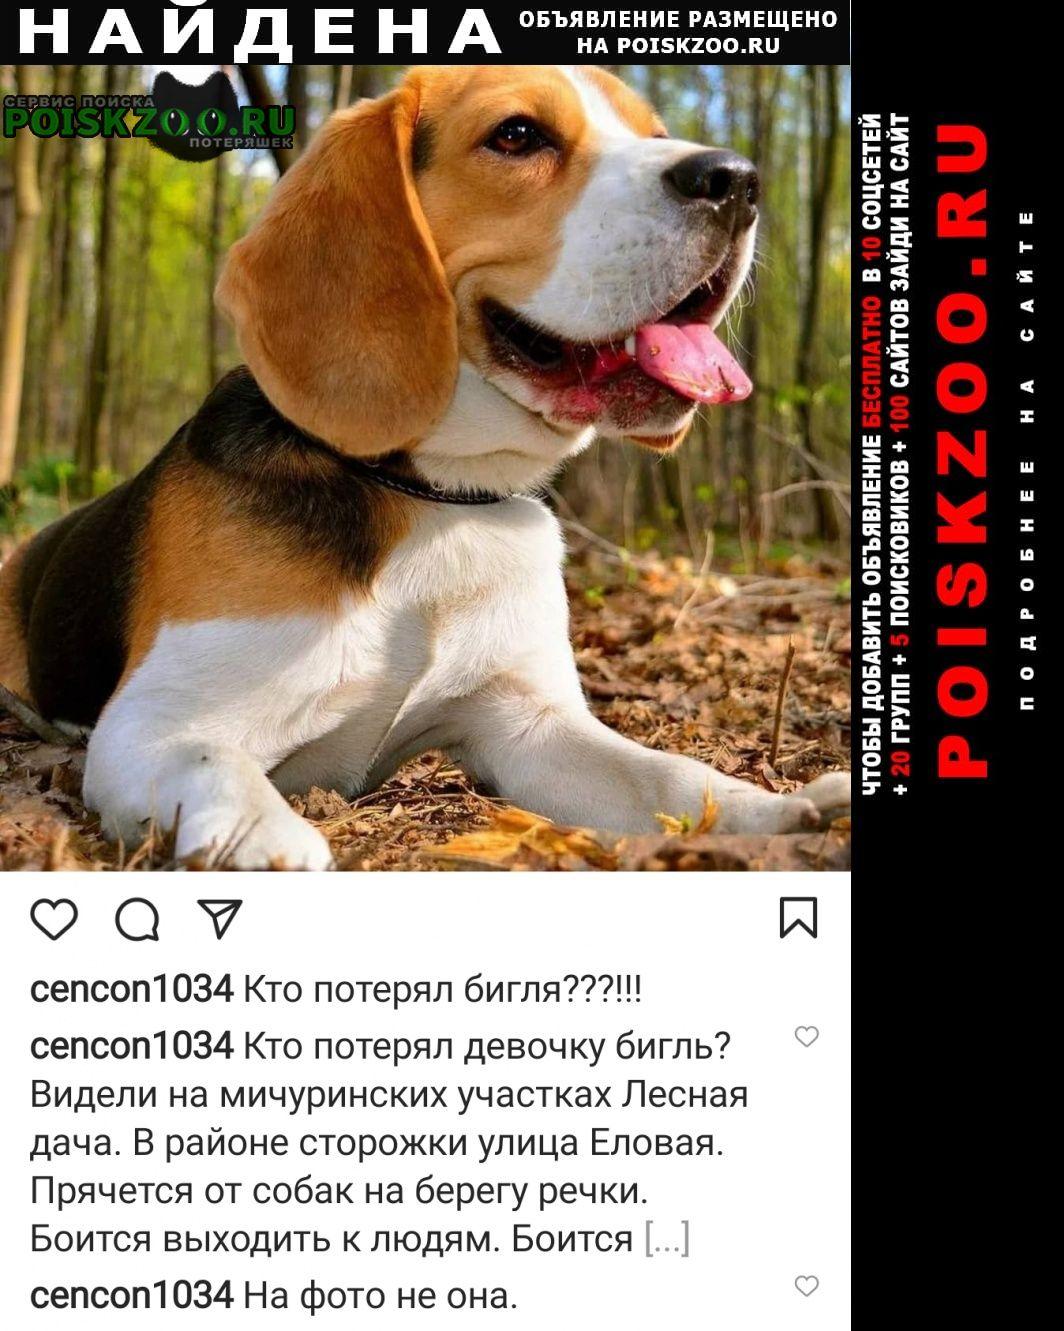 Найдена собака кто потерял бигля Томск